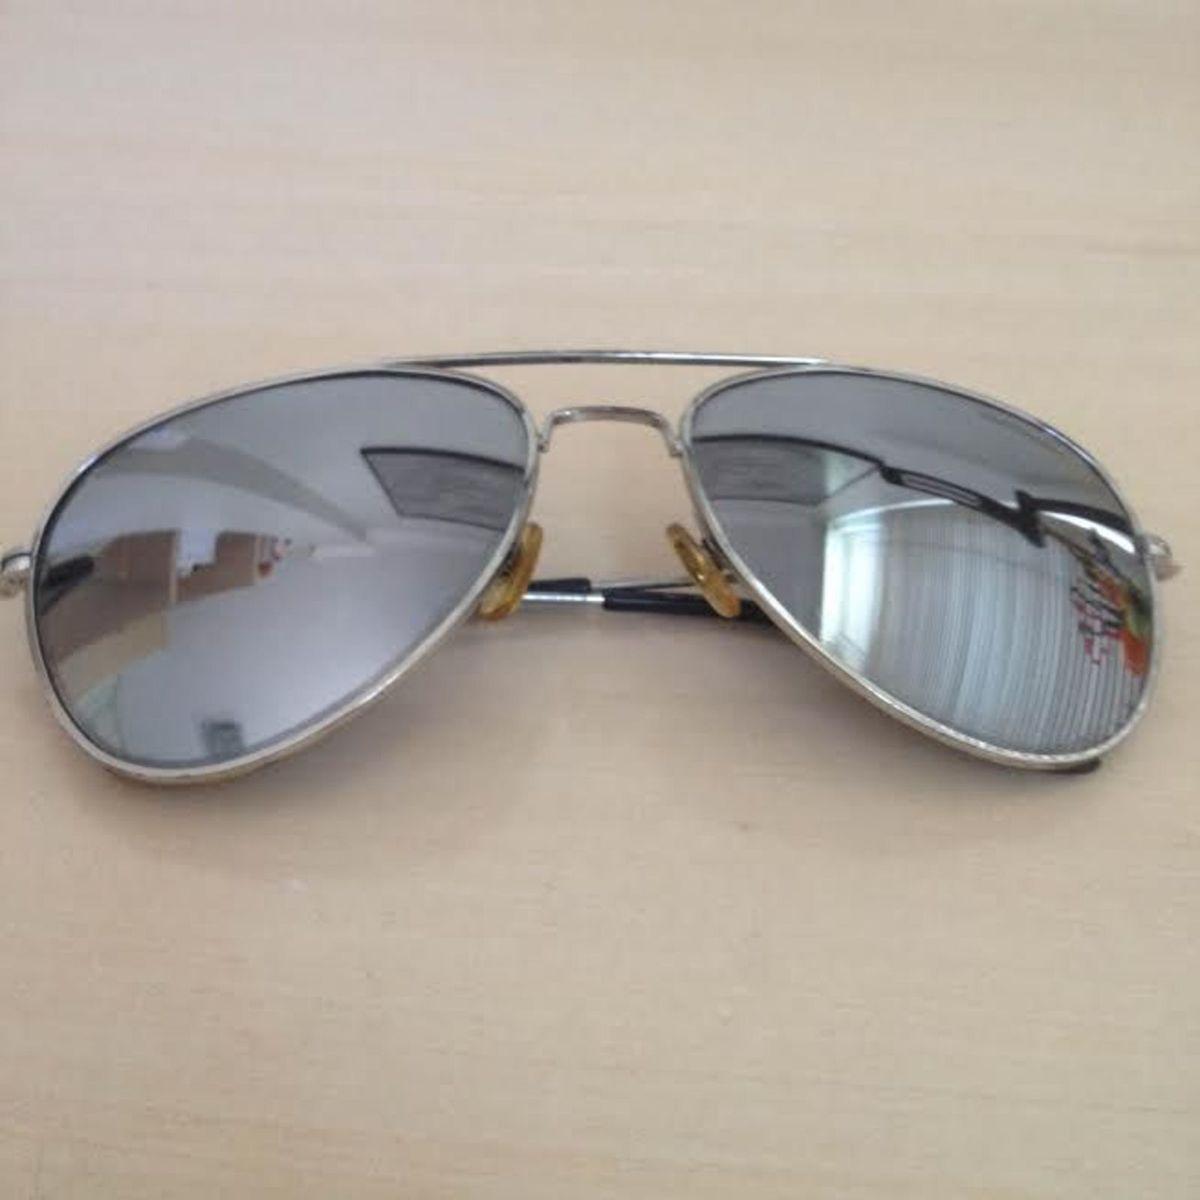 Aviador Espelhado Chilli Beans   Óculos Feminino Chilli Beans Usado ... 8585a987d9